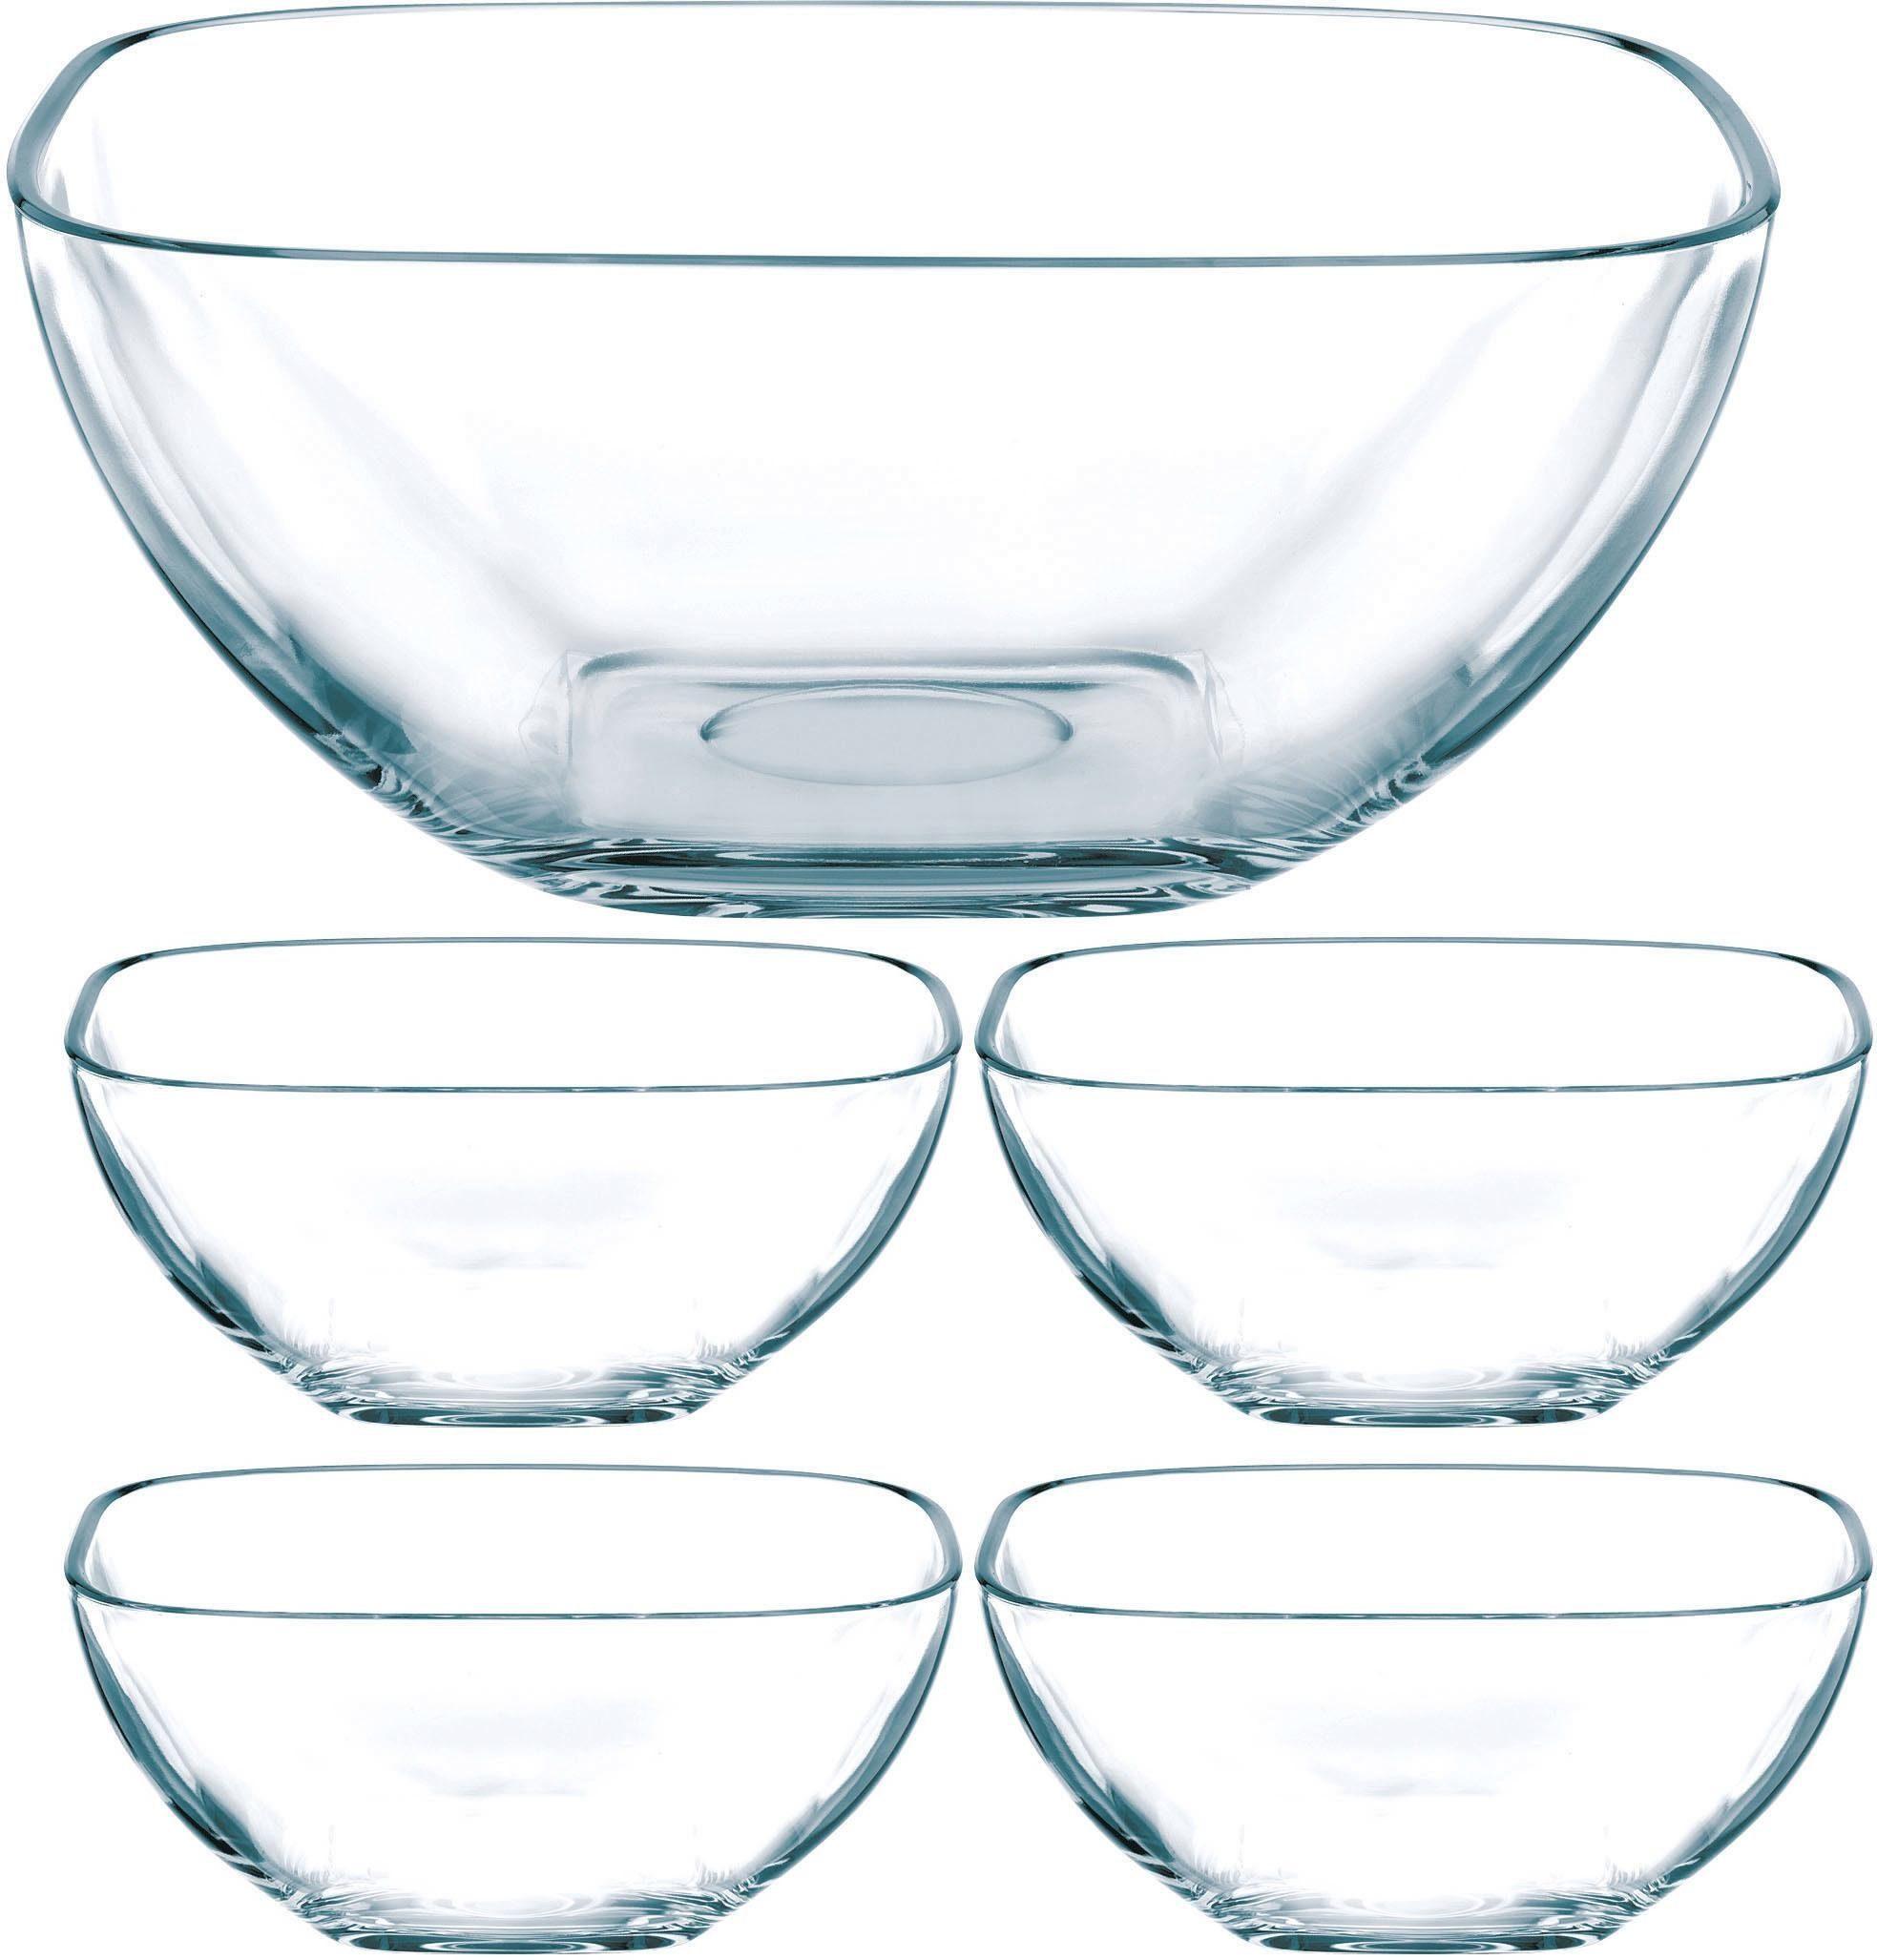 Nachtmann Schalen-Set, Glas, 5-teilig, »Domino«